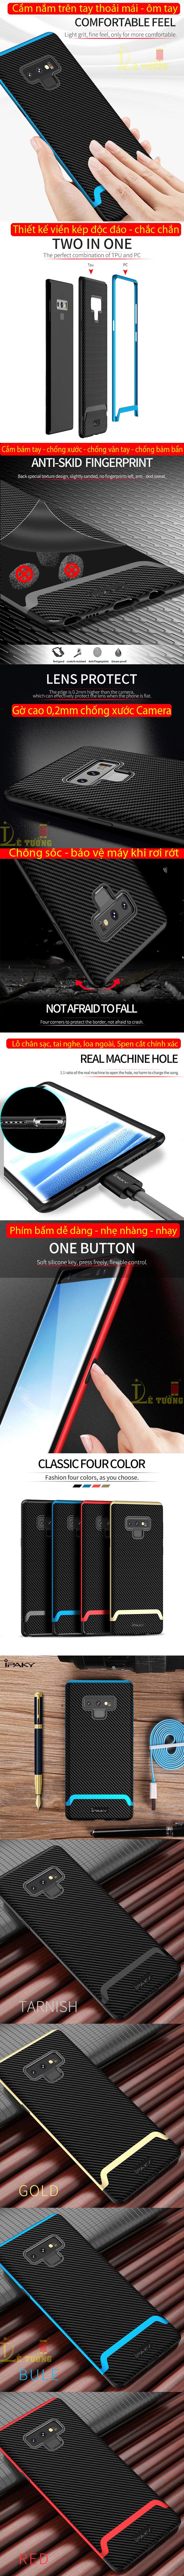 Ốp lưng Note 9 Ipaky Neo Hybrid viền kép chắc chắn sang trọng 5